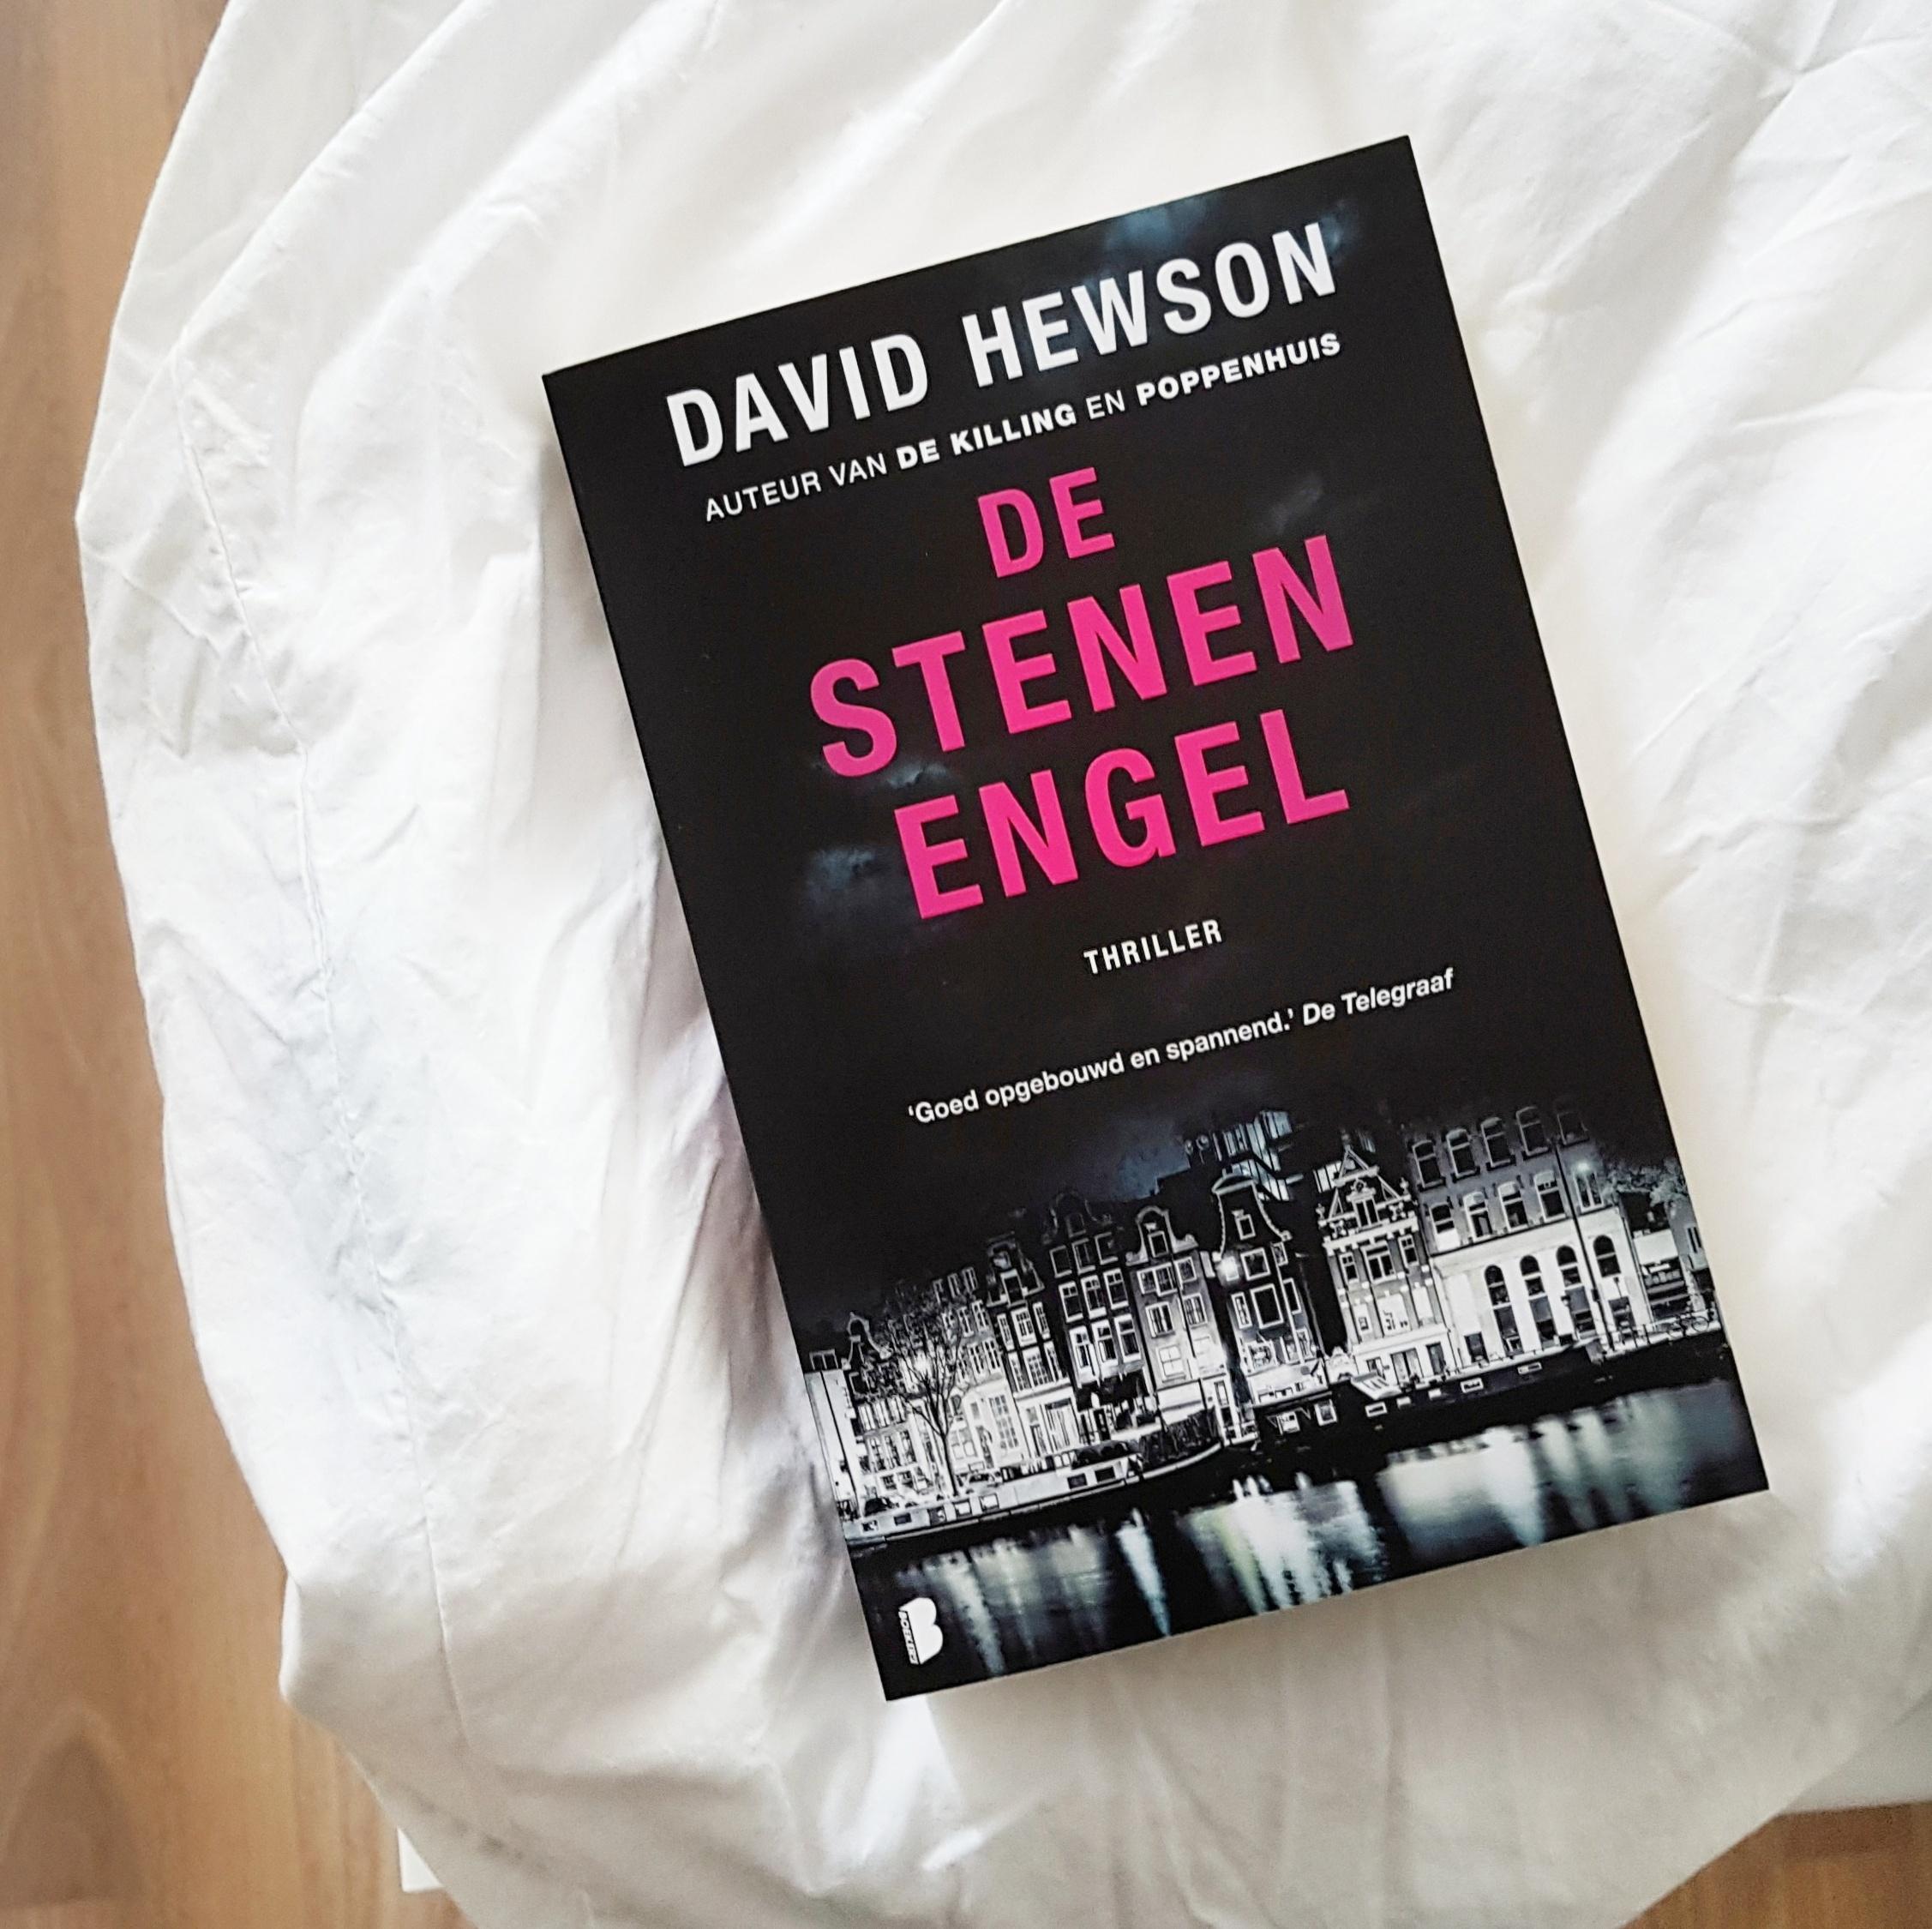 Boekrecensie: David Hewson - De stenen engel